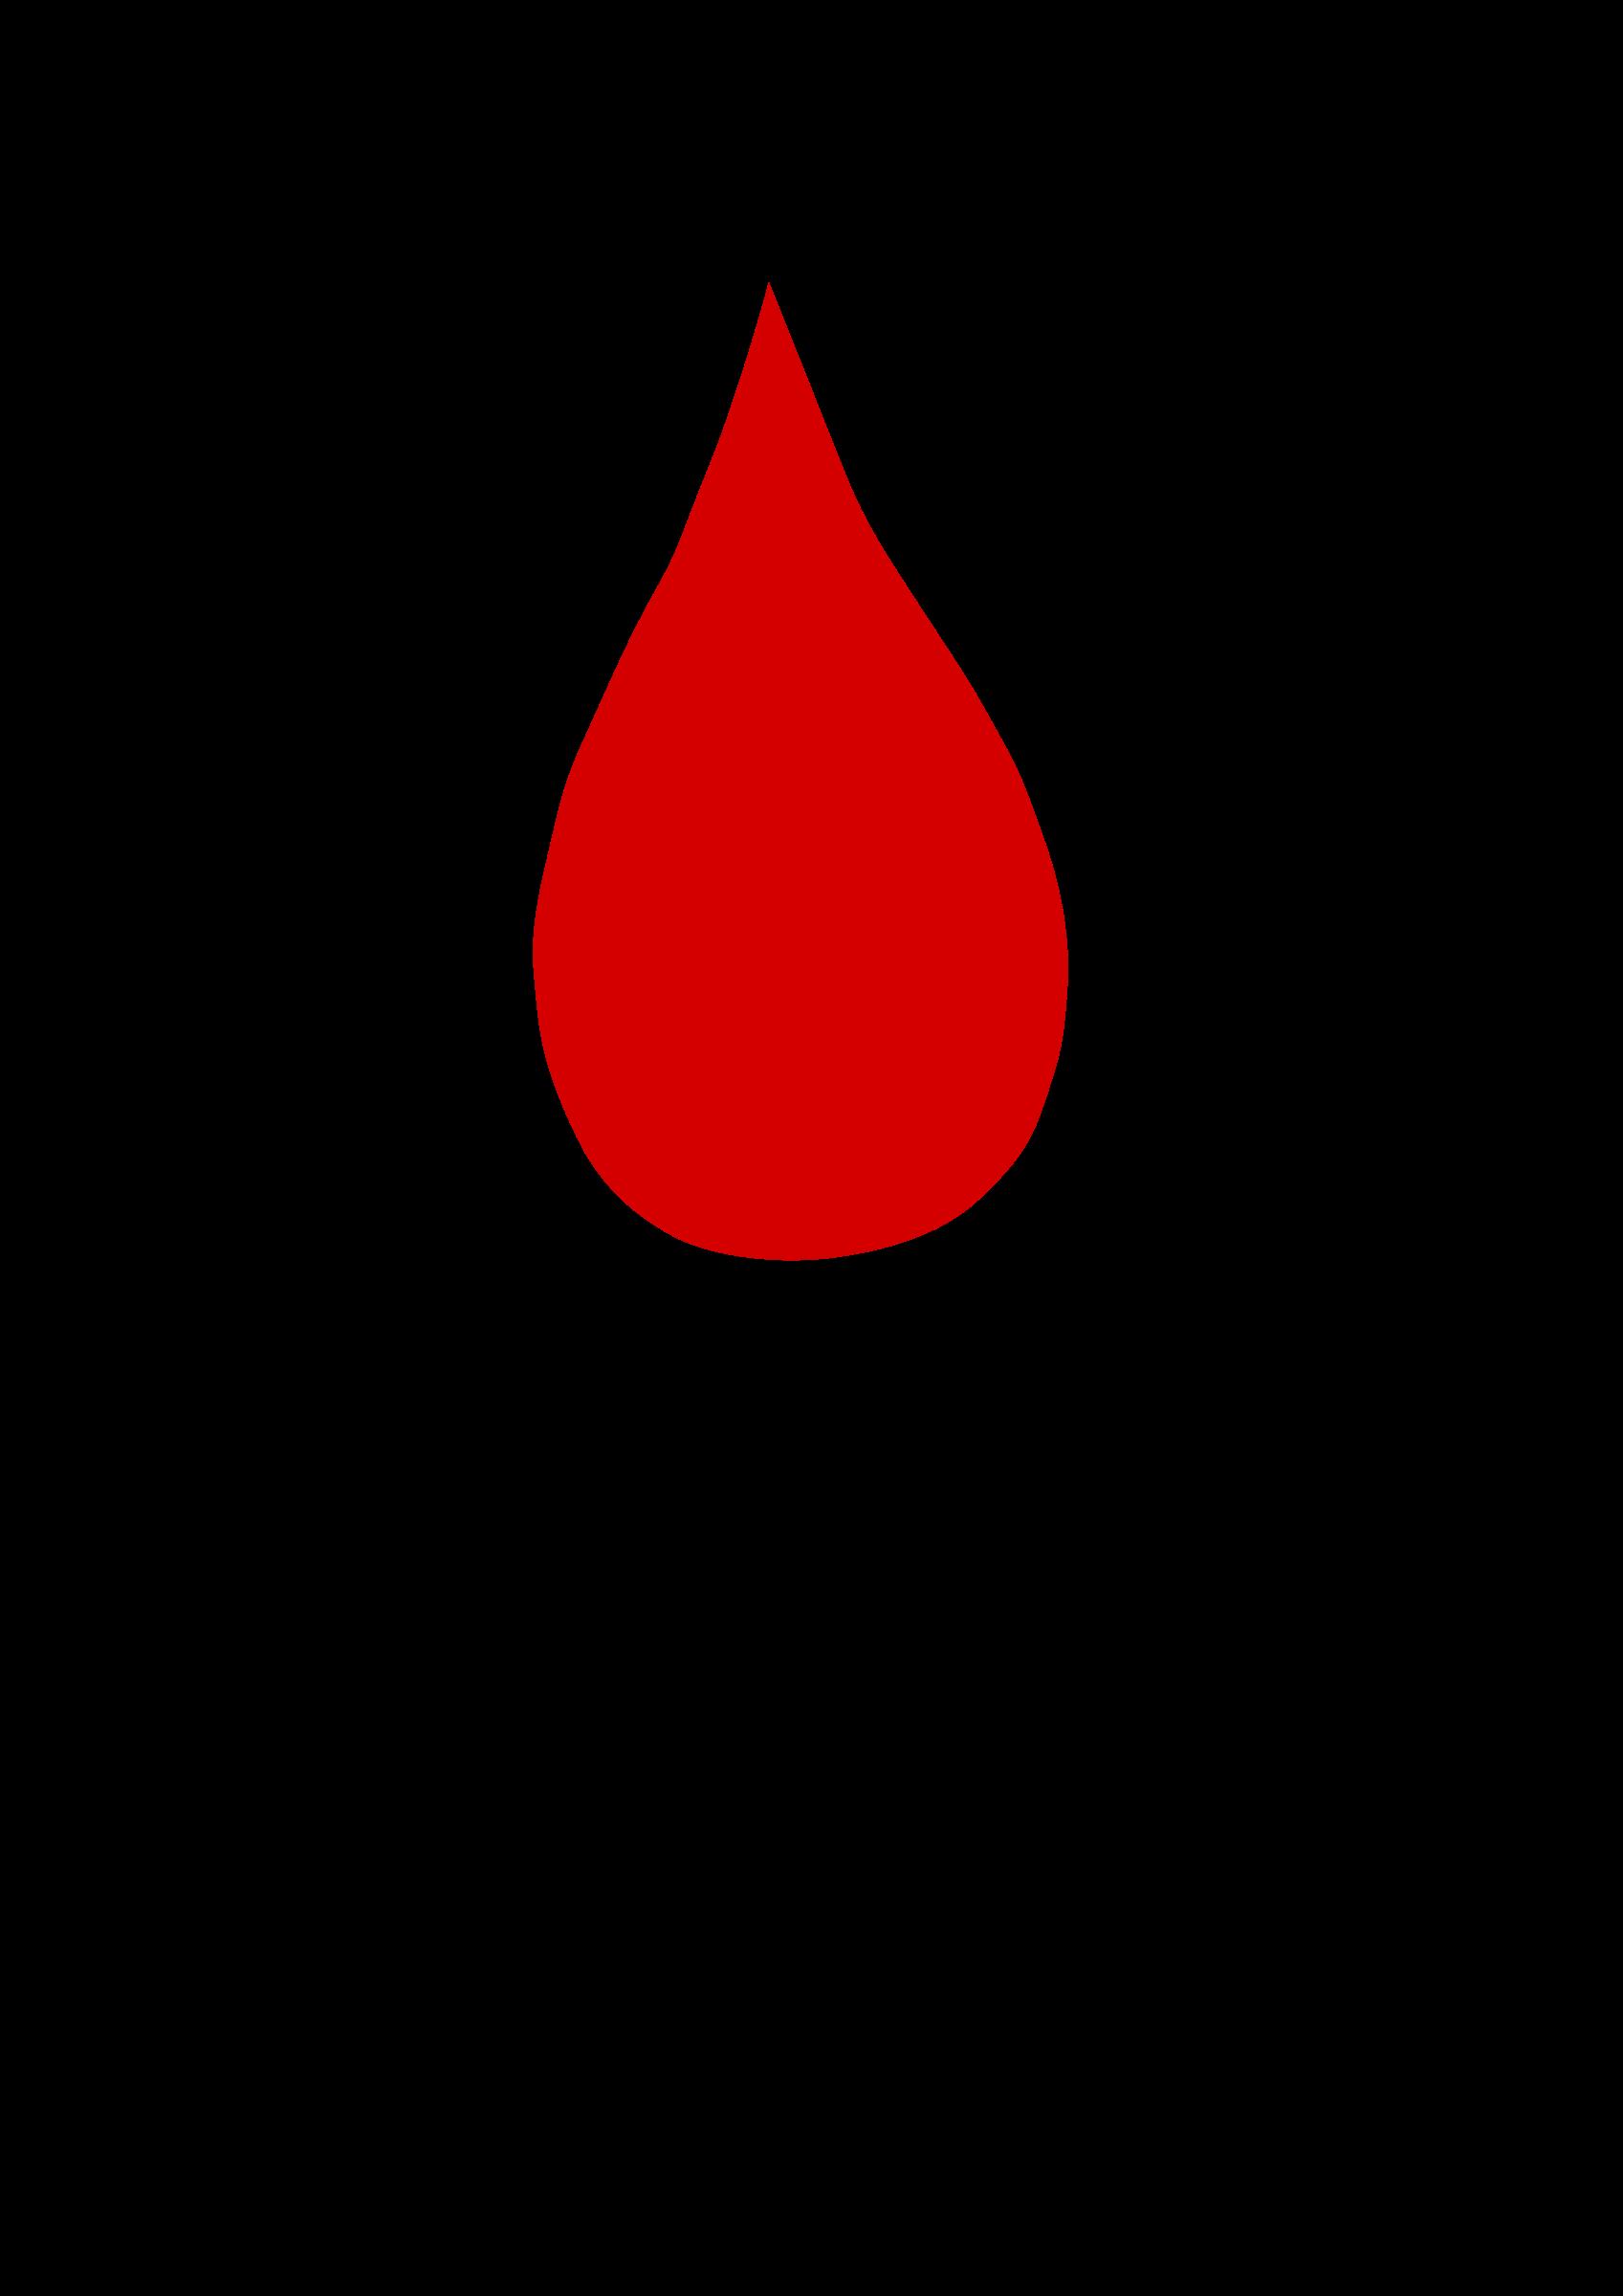 Blood Drop by Po Huit